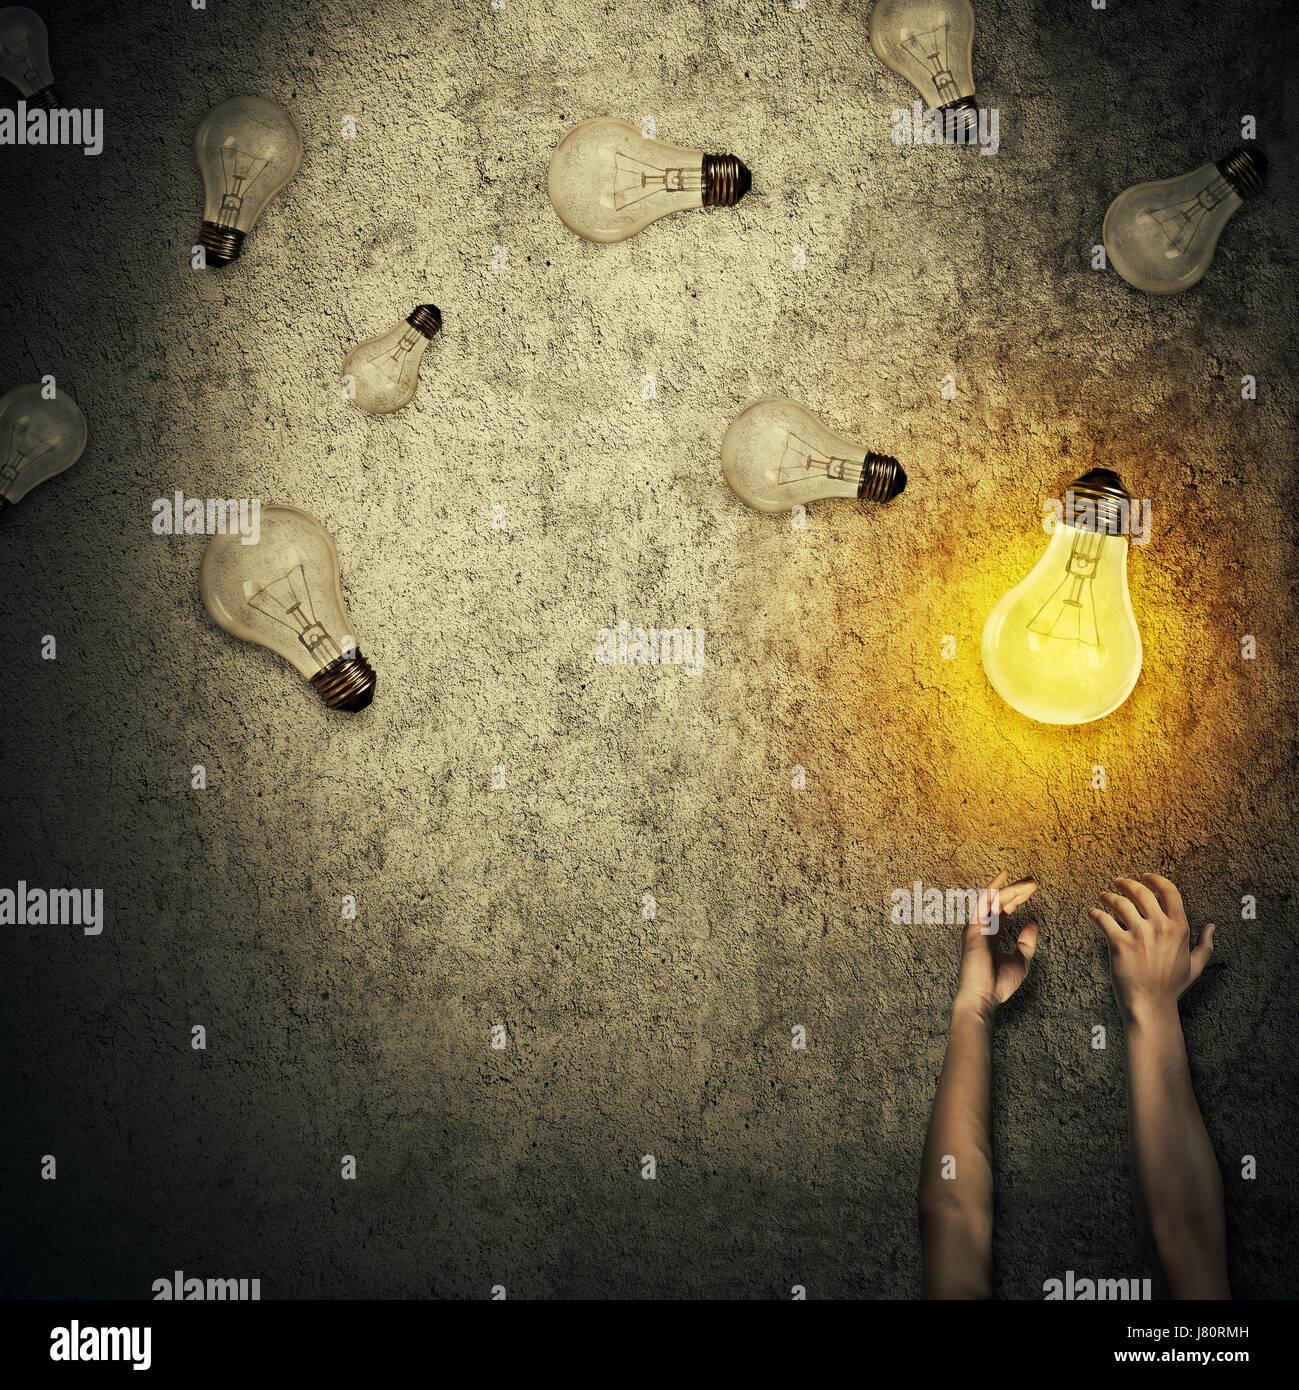 Concepto como idea abstracta las manos estiradas y hacer malabares con un montón de bombillas, uno de ellos brillando. Foto de stock